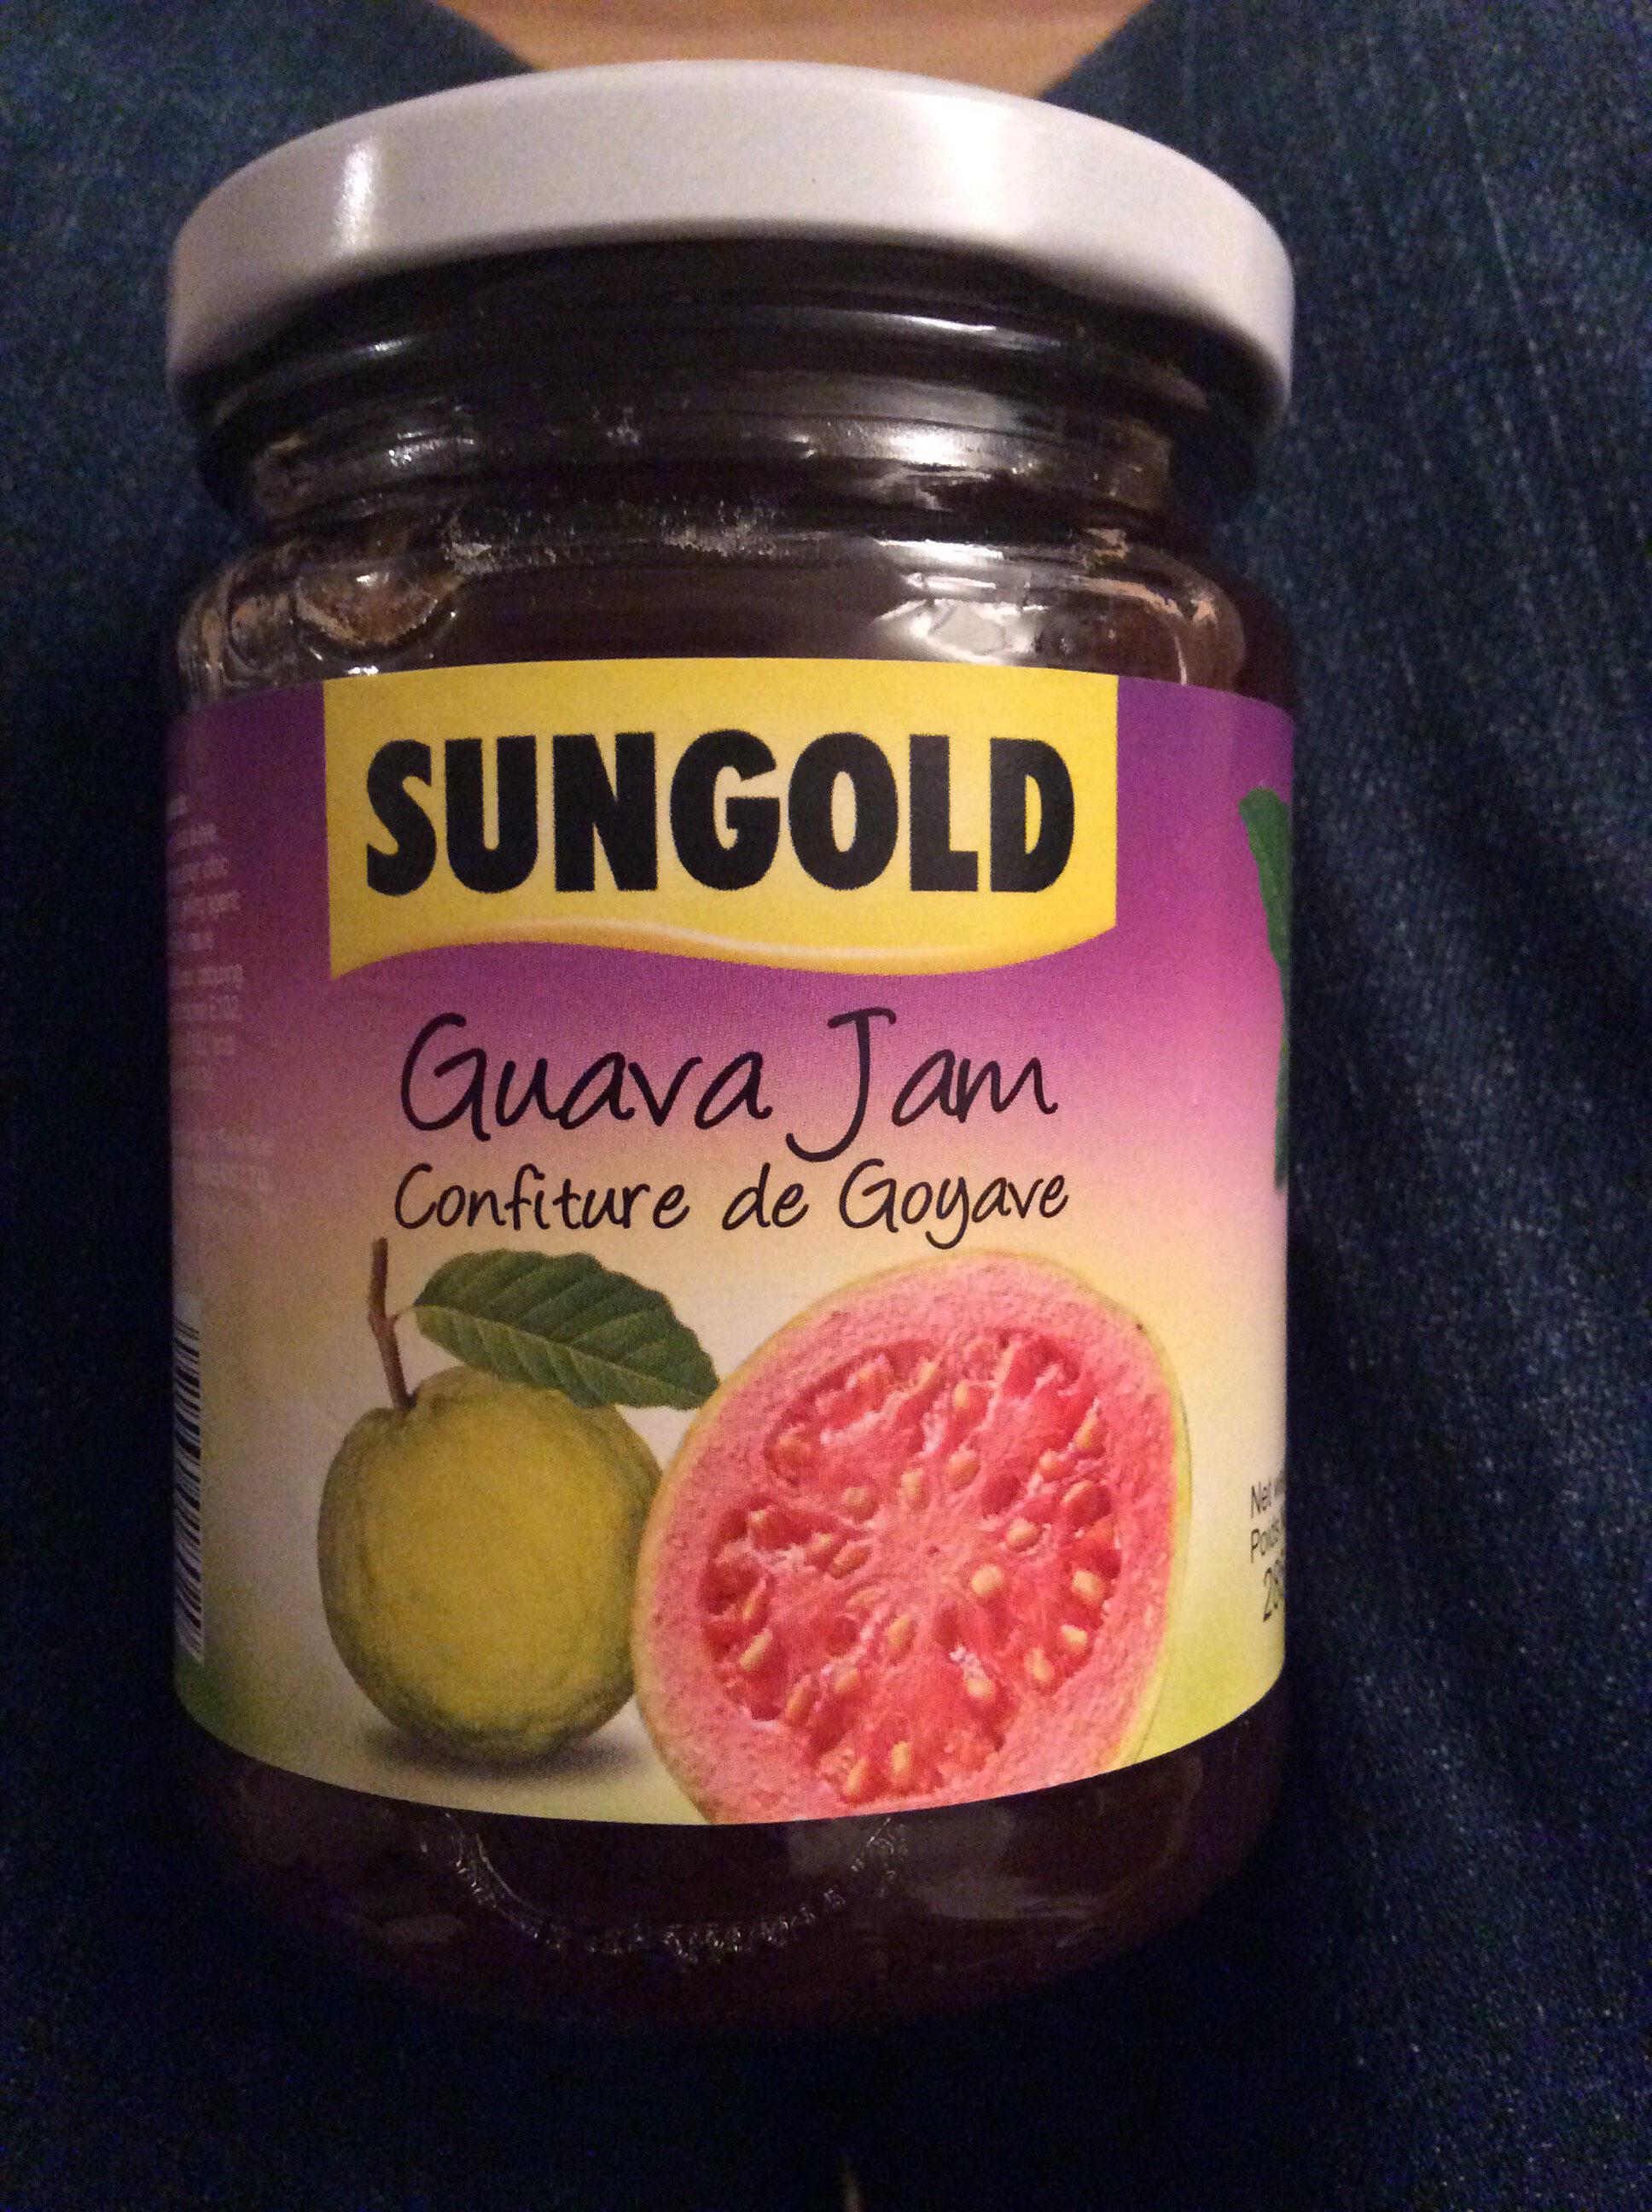 Guava jam confiture de goyave - Produit